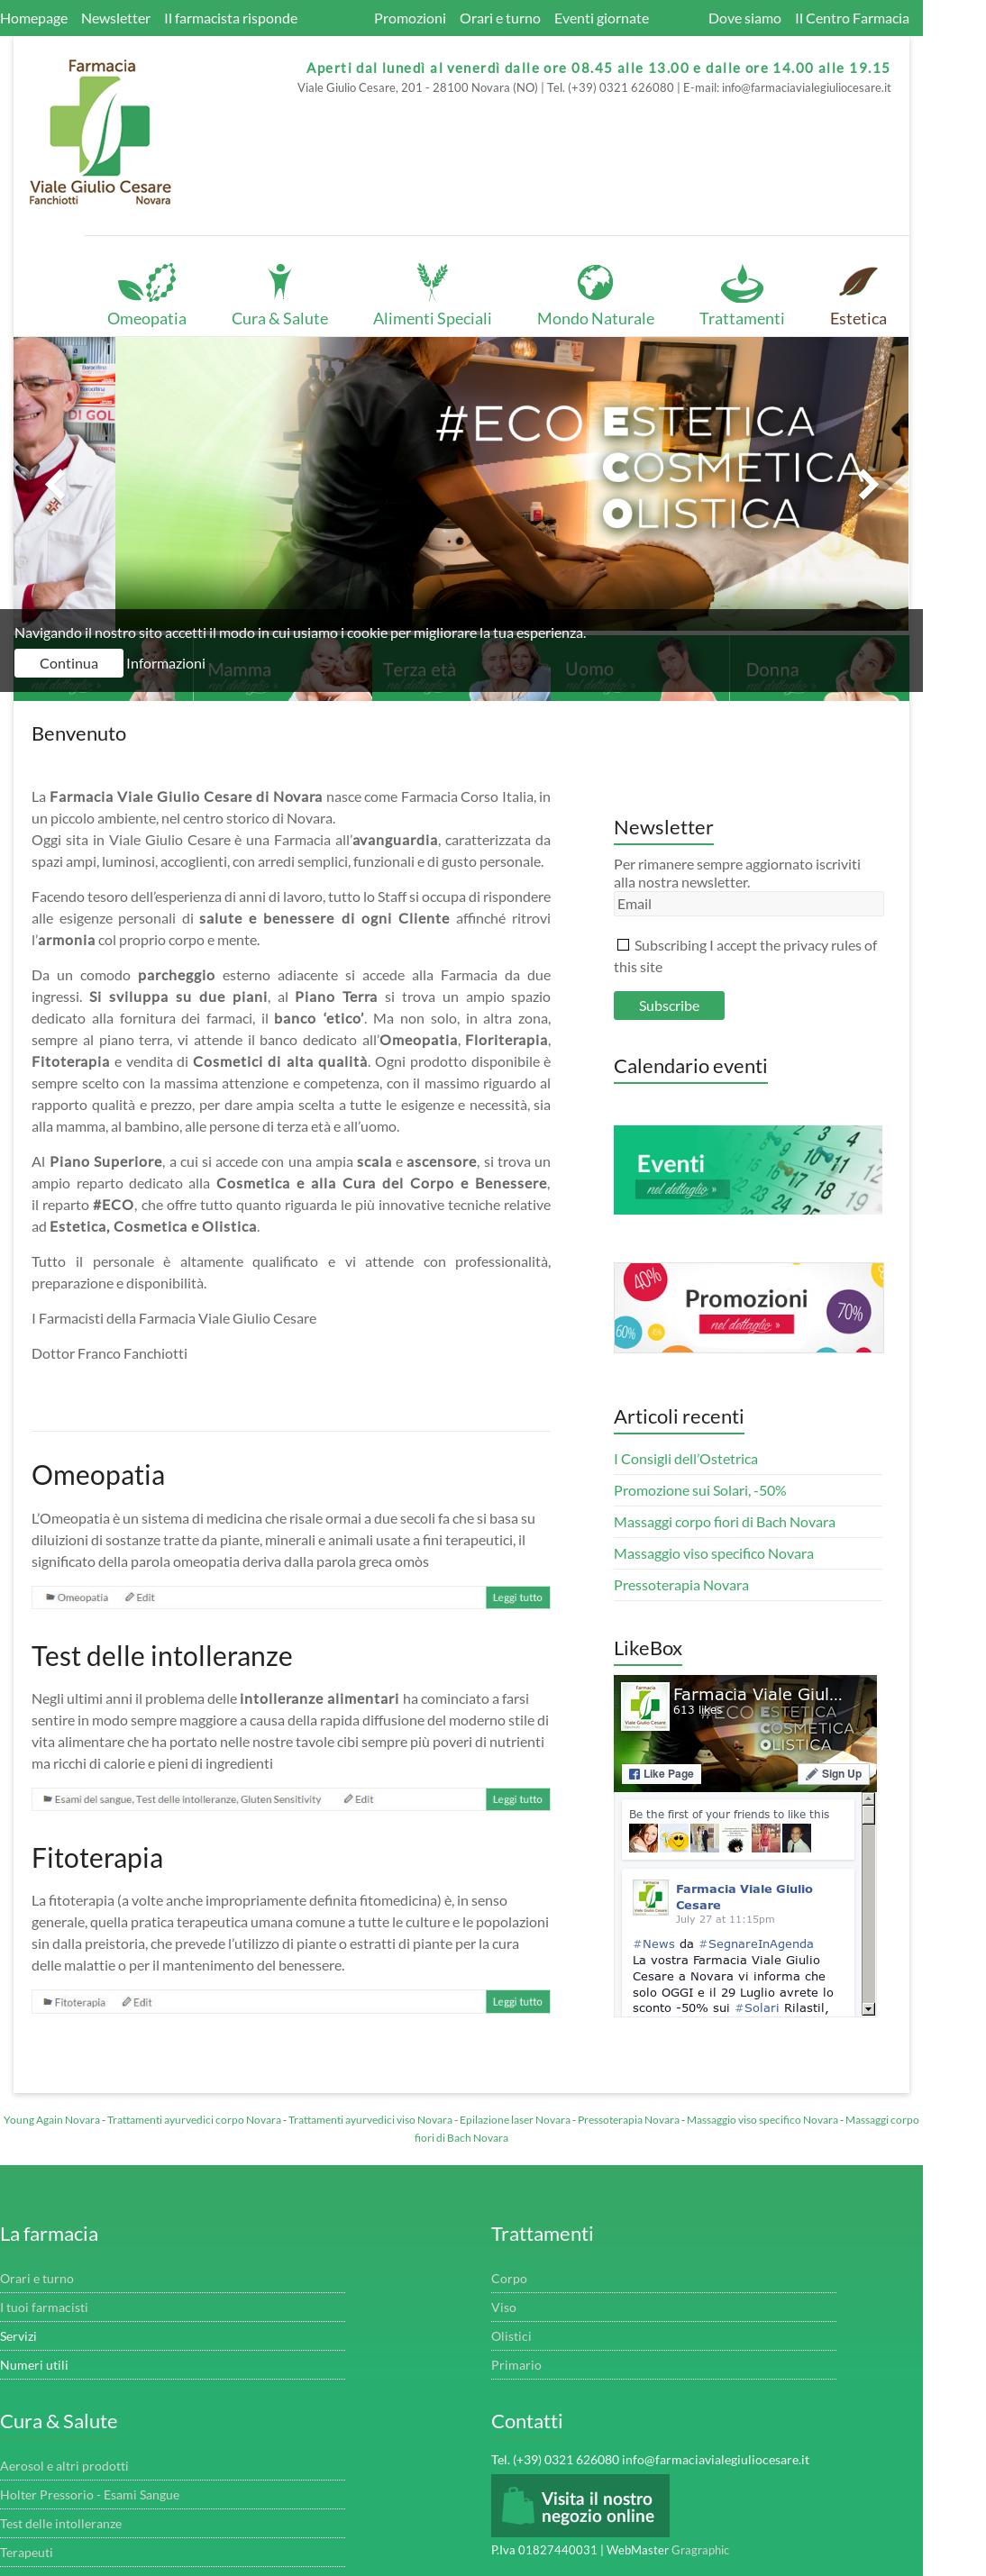 Farmacia Viale Giulio Cesare Competitors 25b09f9167a